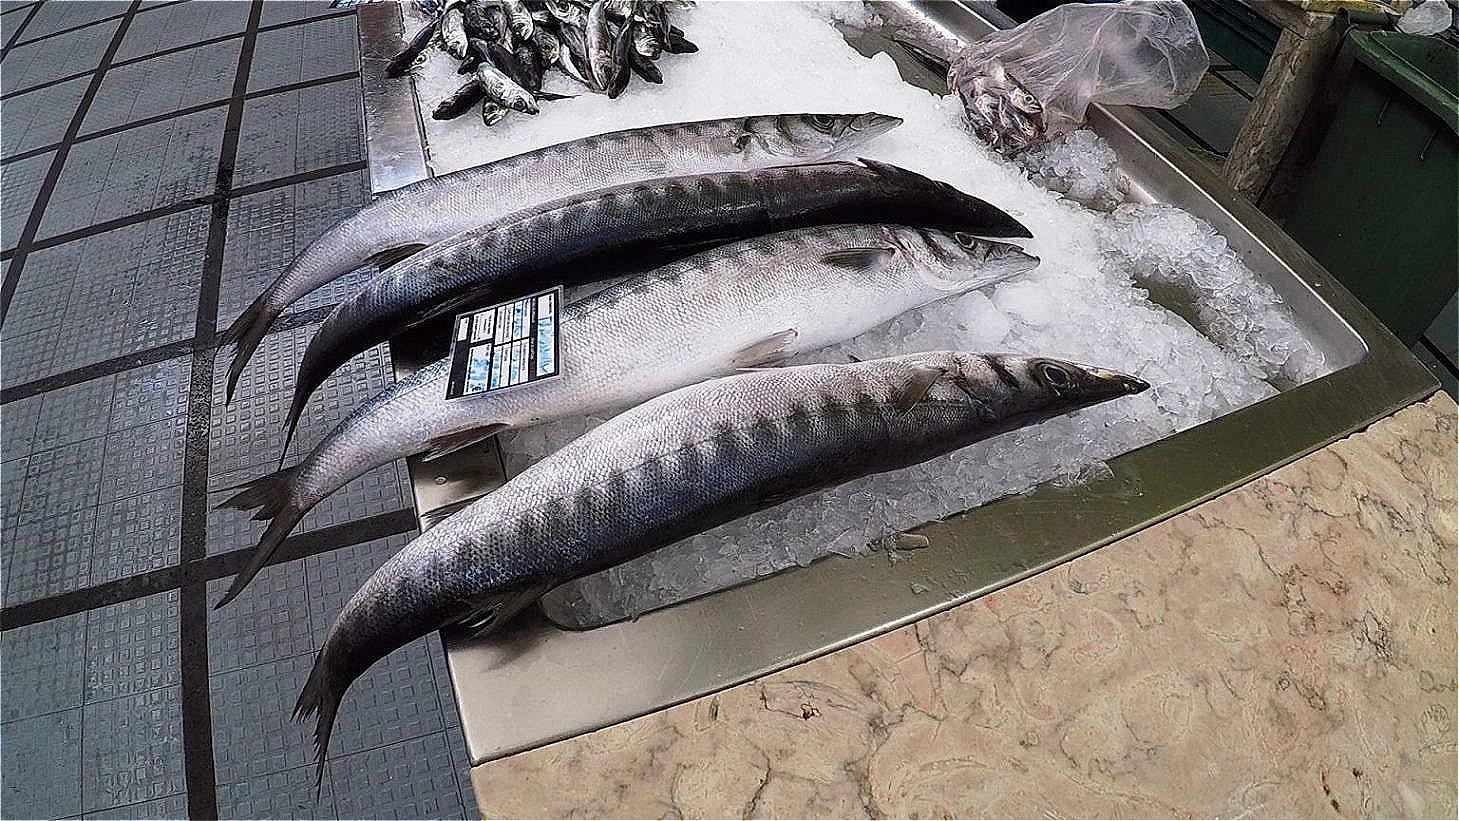 Frischer Fisch auf Eis !